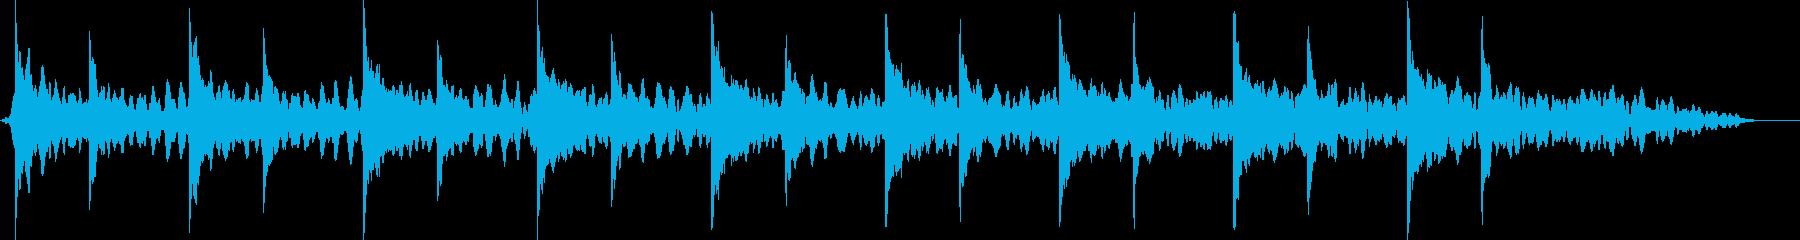 ピアノ音色による暗く陰鬱なイメージ曲の再生済みの波形